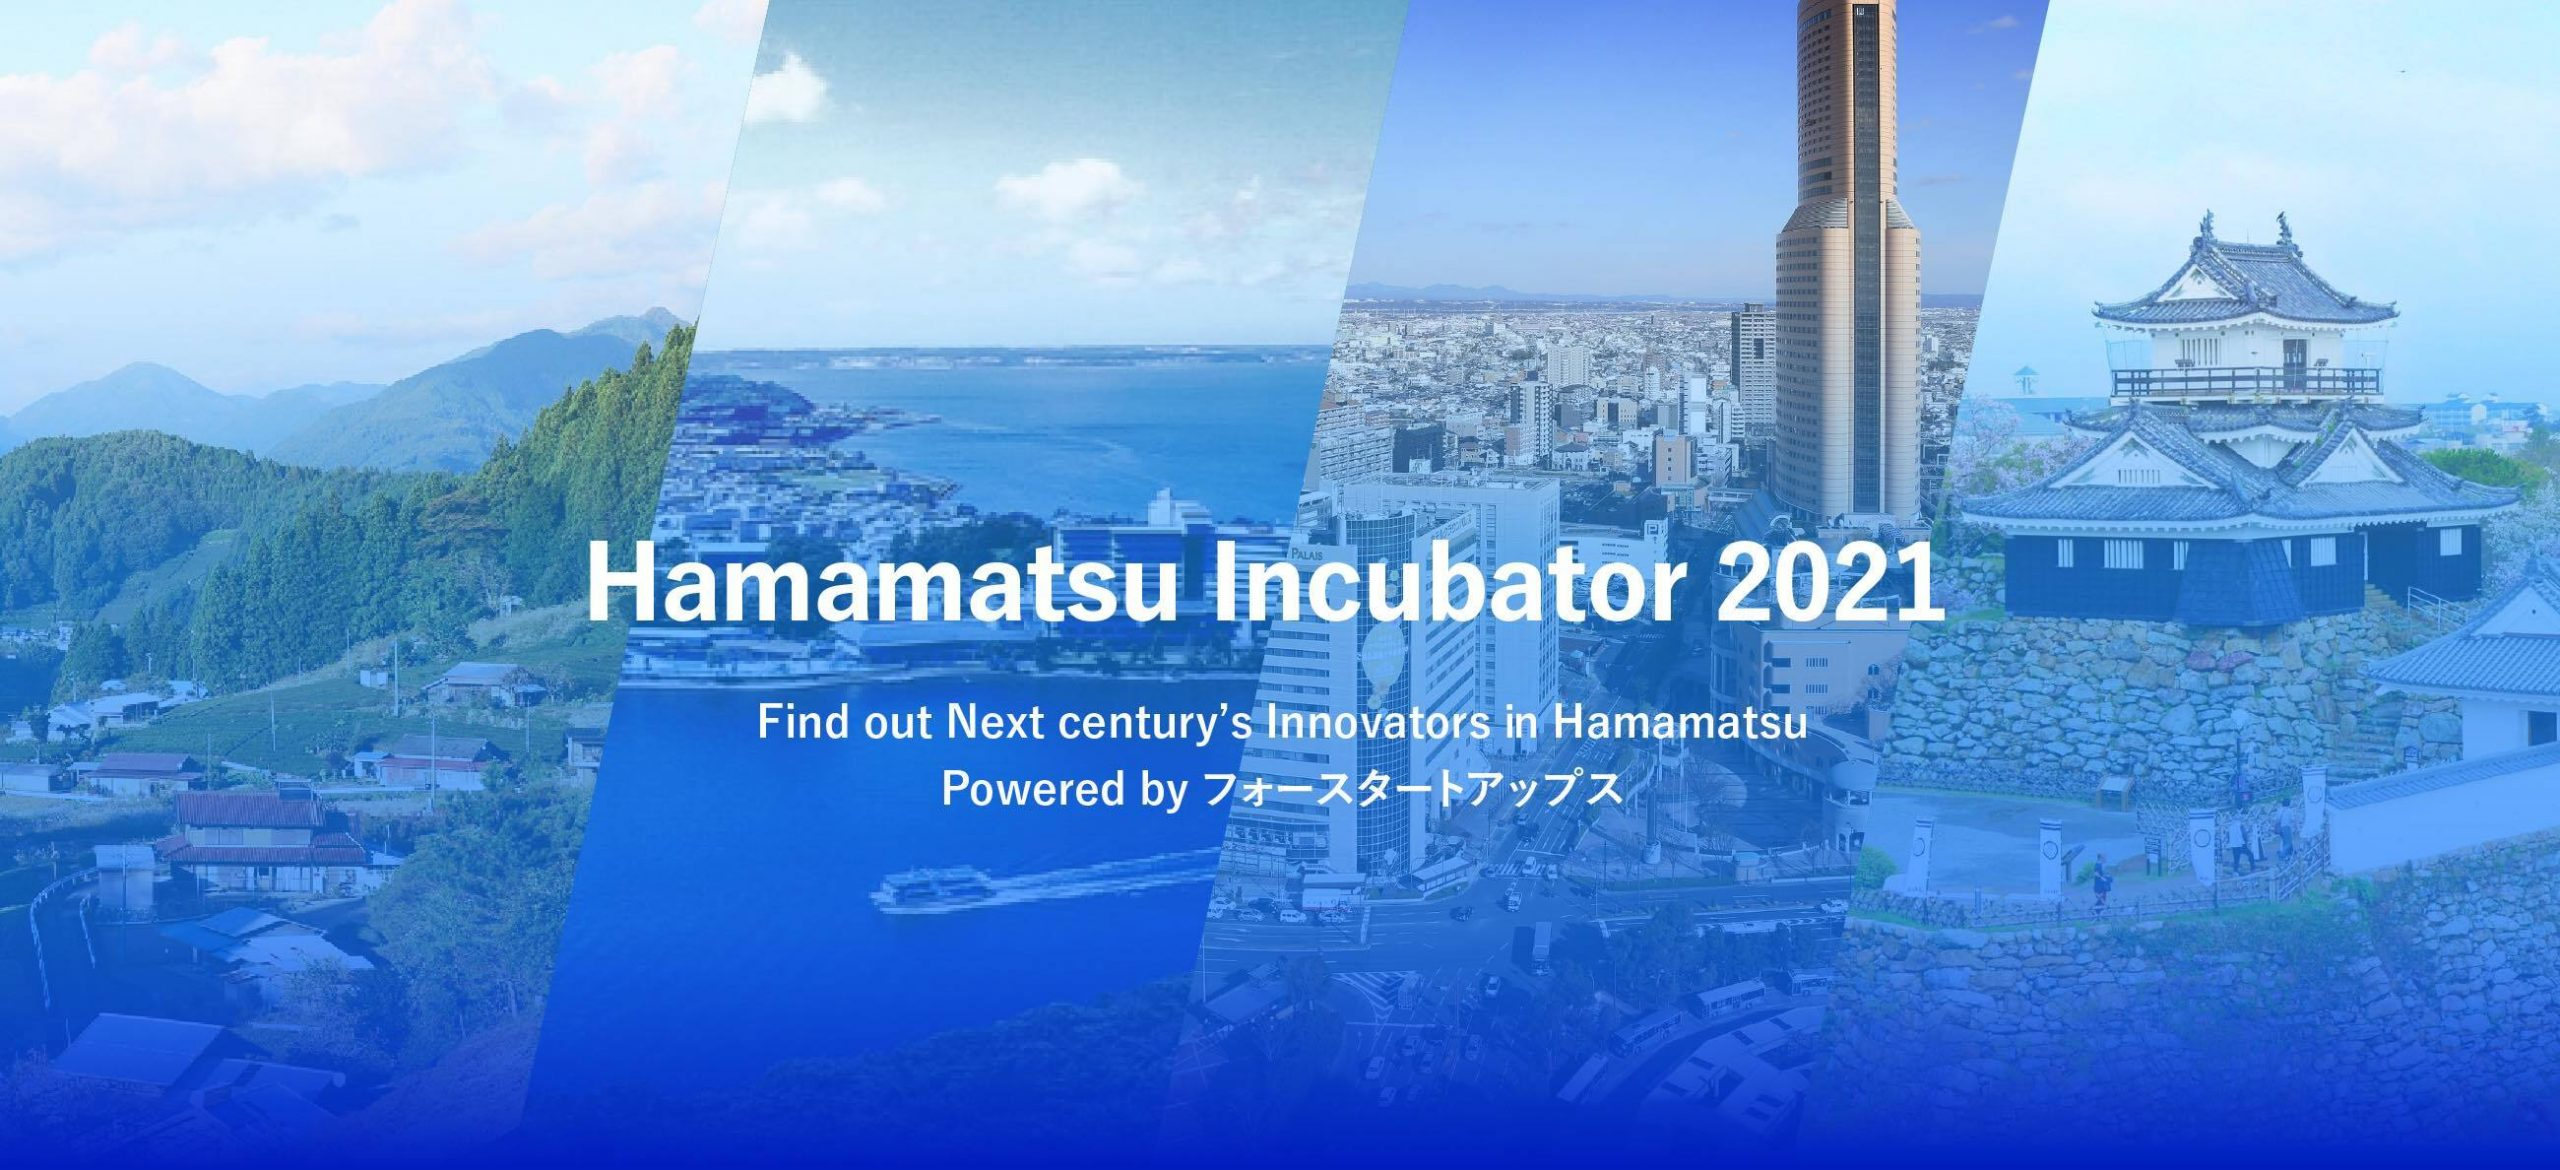 フォースタートアップス、浜松市「Next Innovator 育成事業」に採択